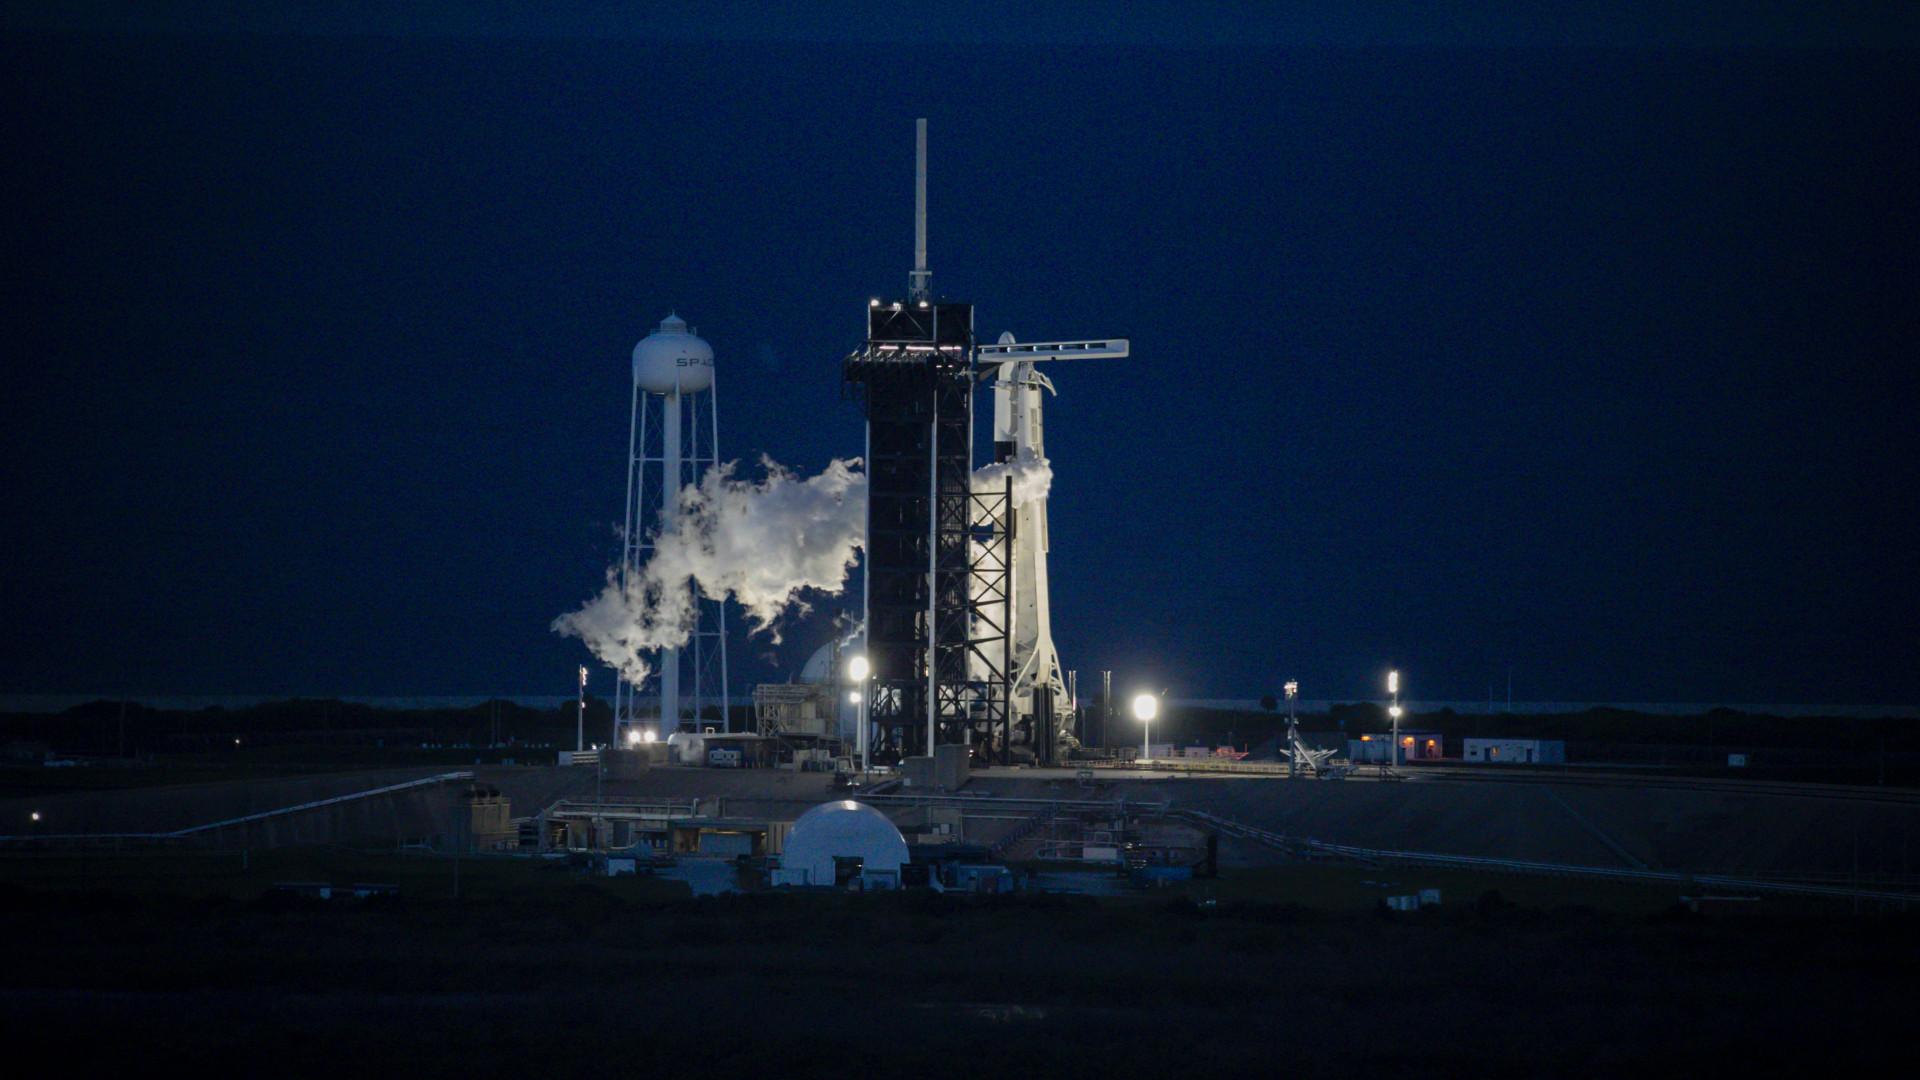 Sikeresen visszatért a Földre a SpaceX kizárólag amatőr űrhajósokat szállító űrhajója